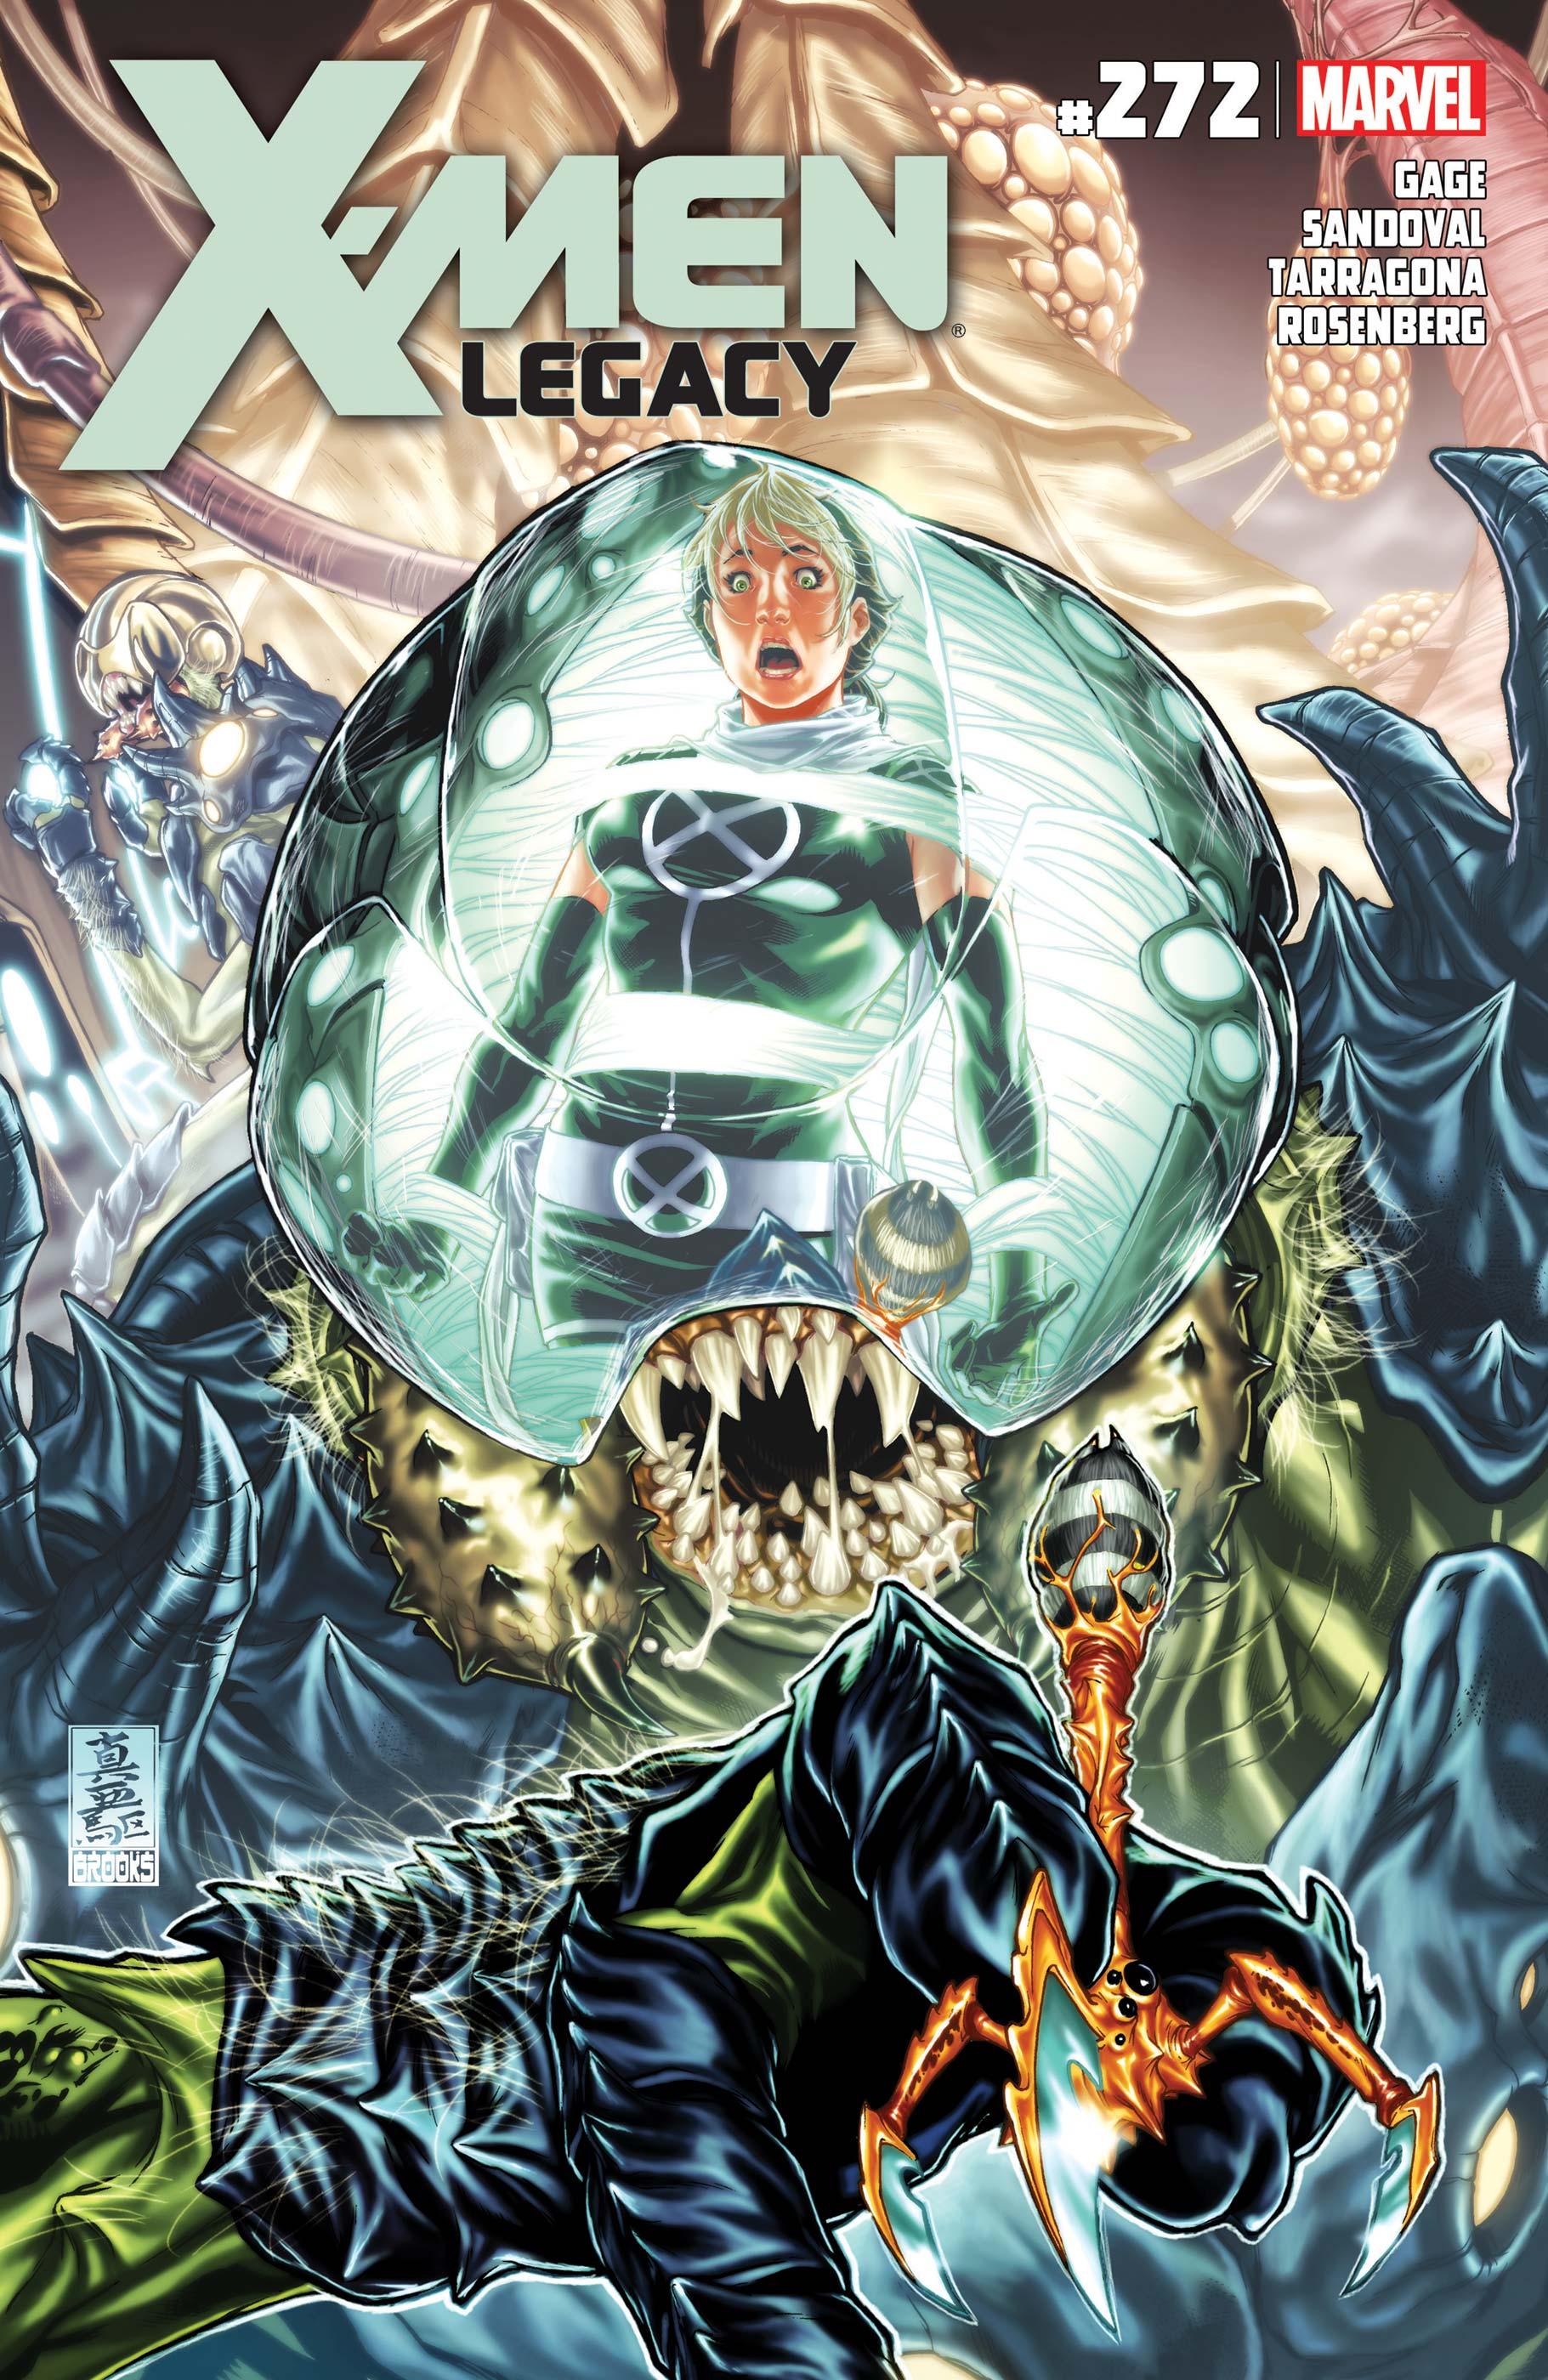 X-Men Legacy (2008) #272